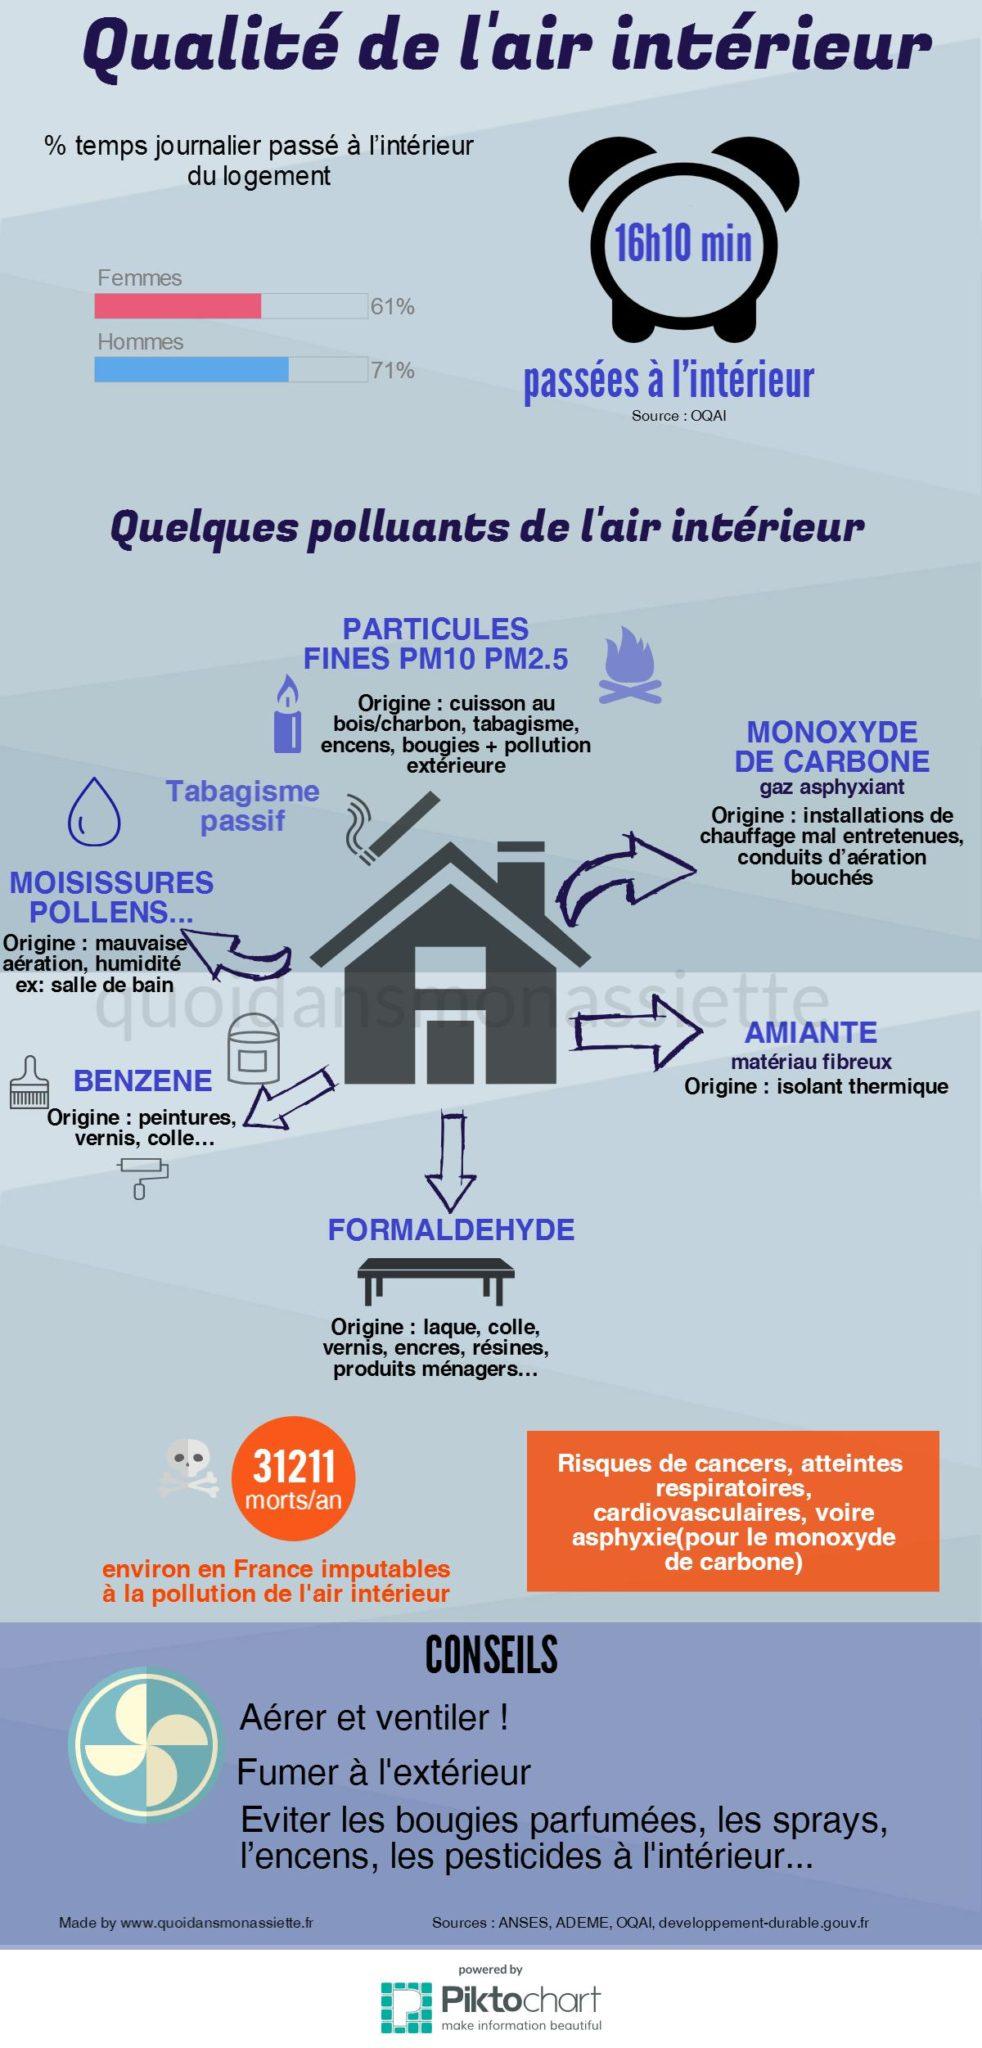 Quality of air qualité pollution intérieure